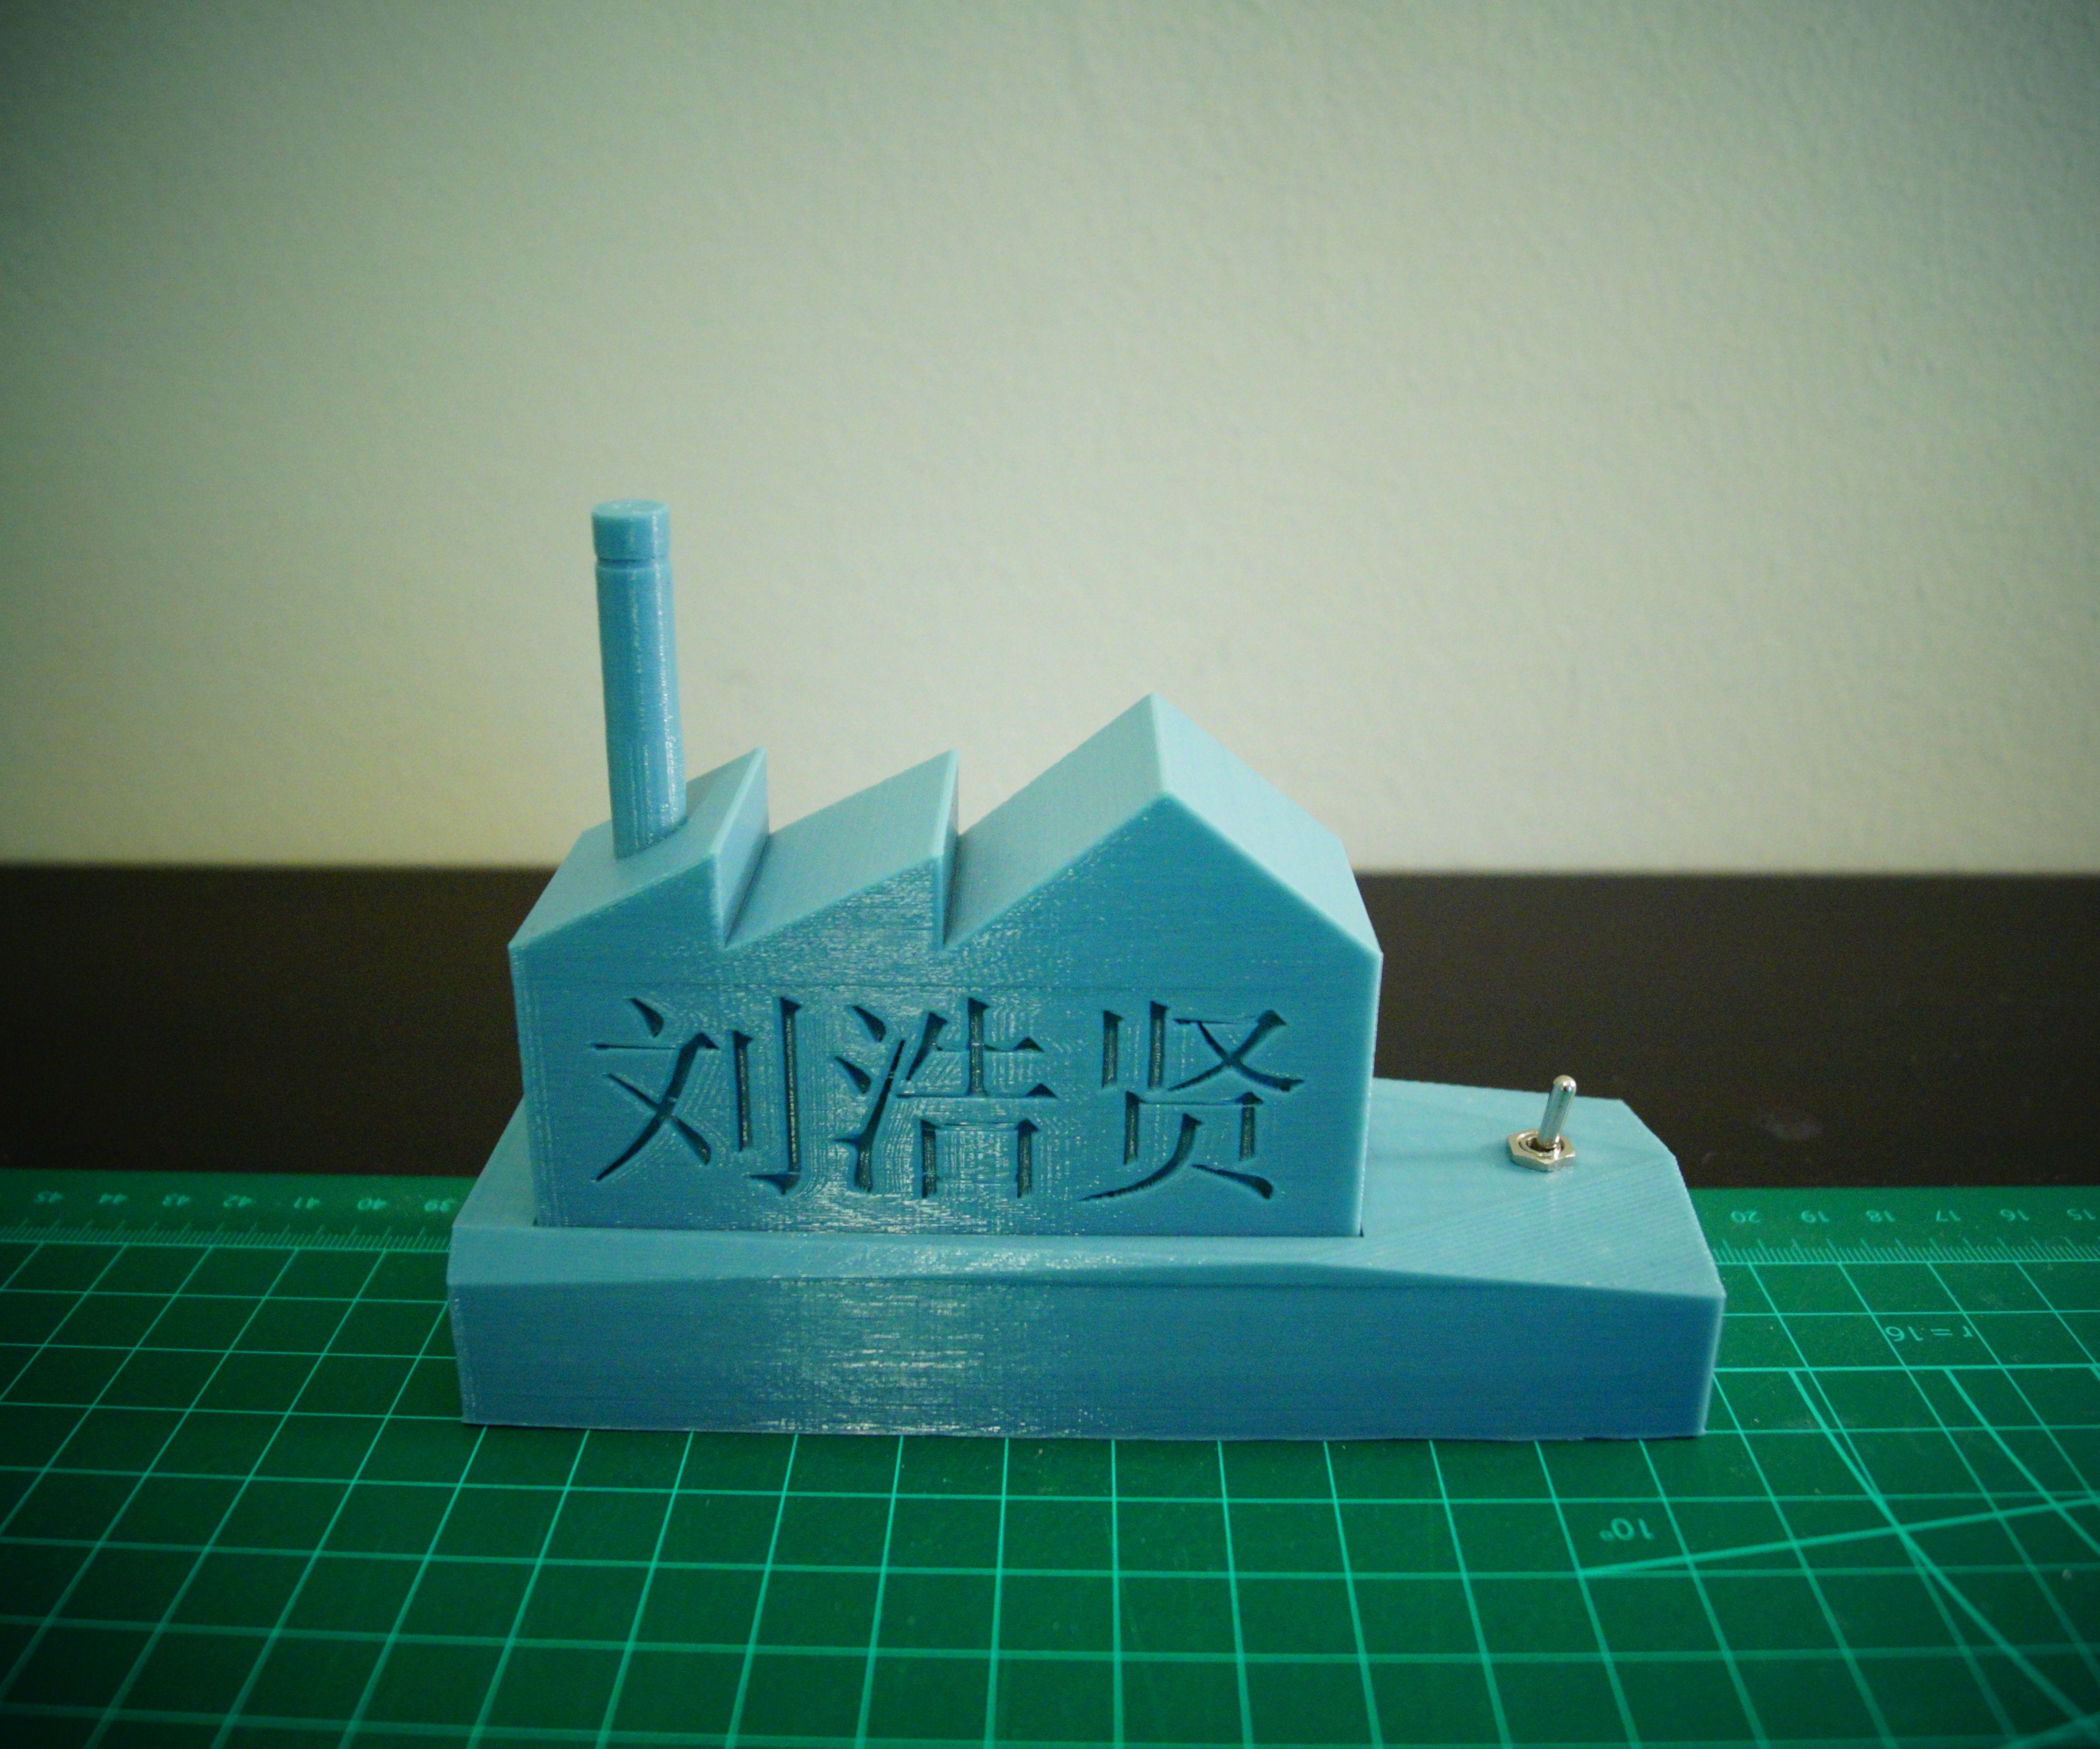 3D Printed LED Luminous Factory